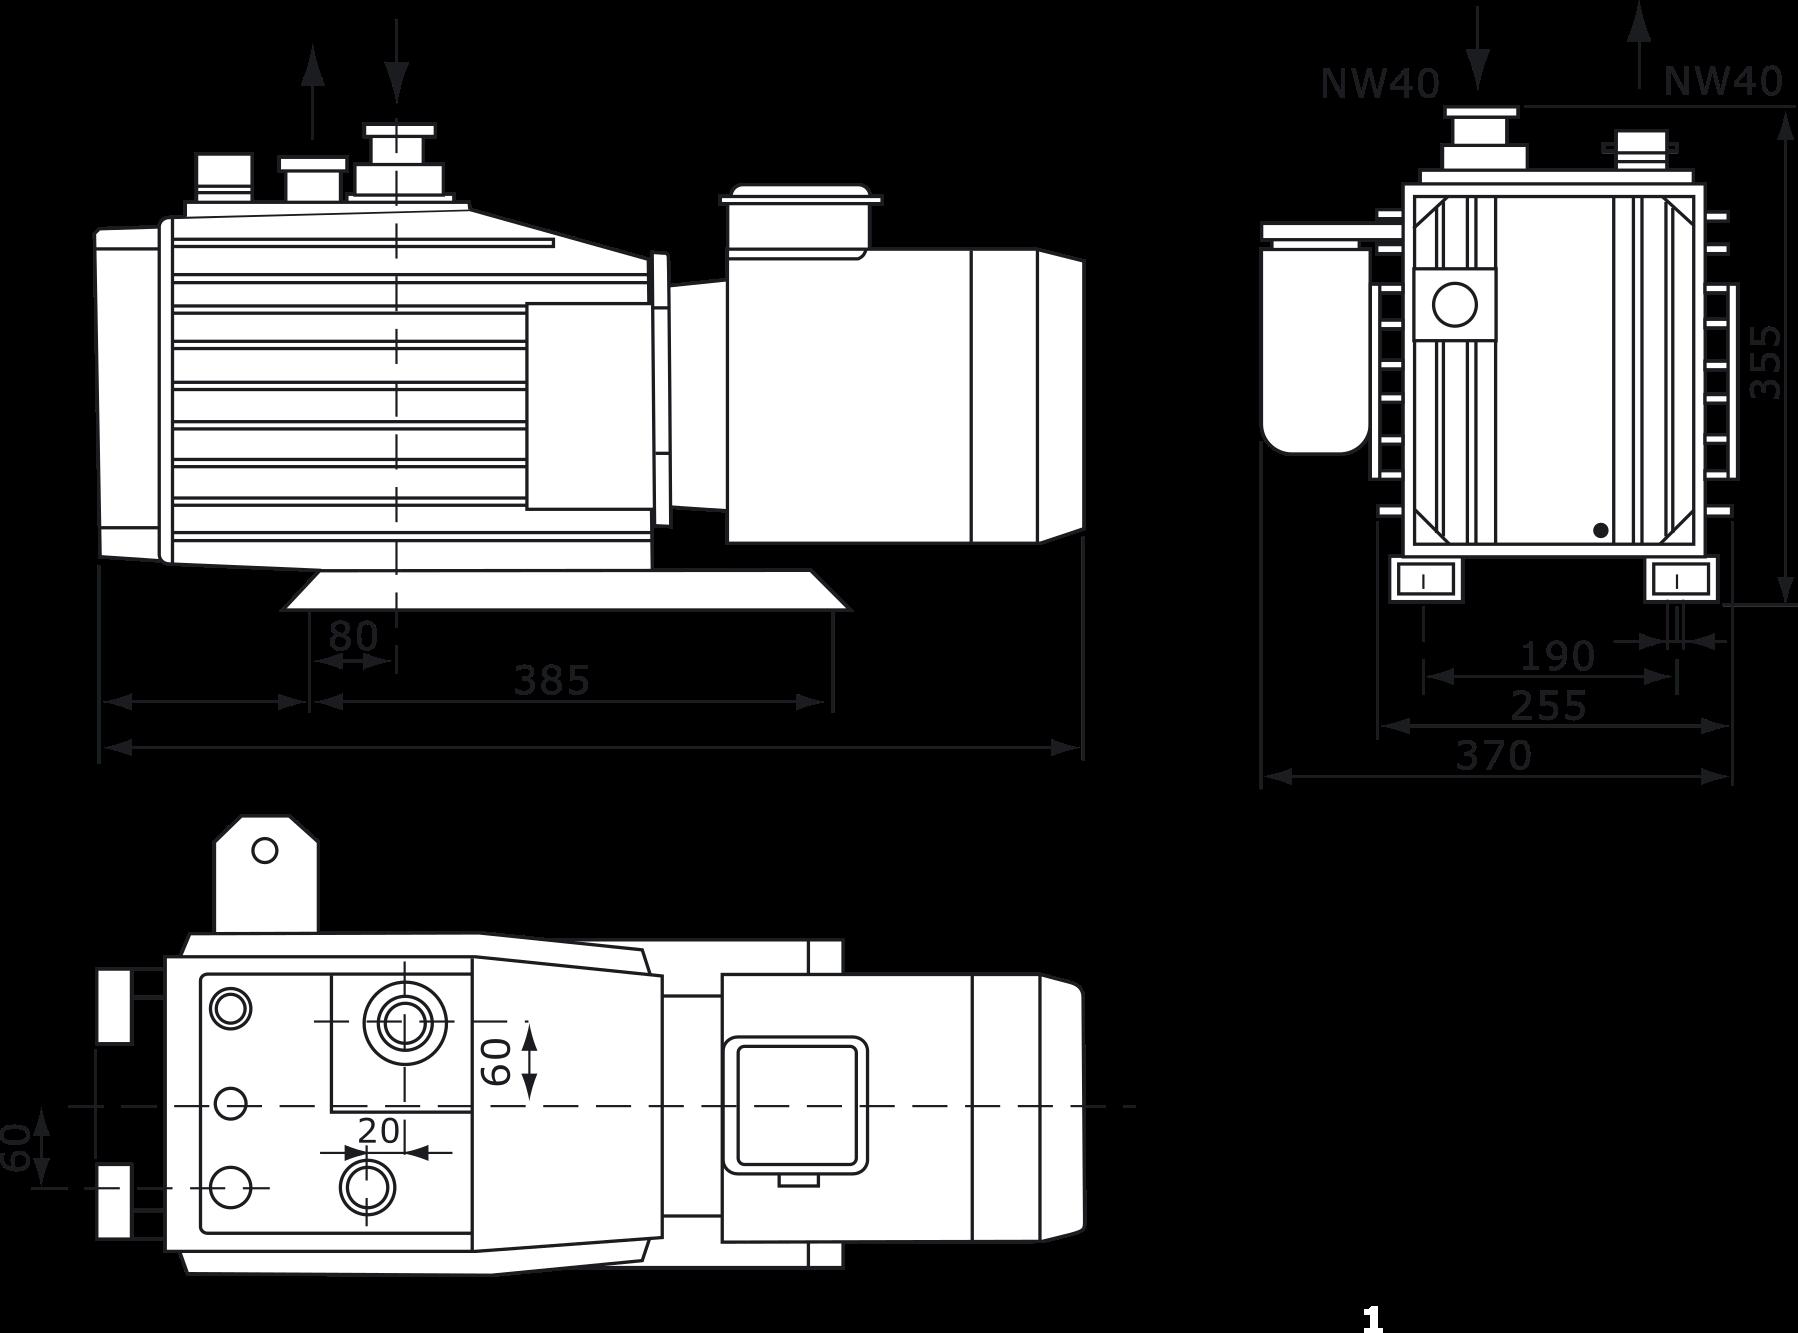 SchematBW40